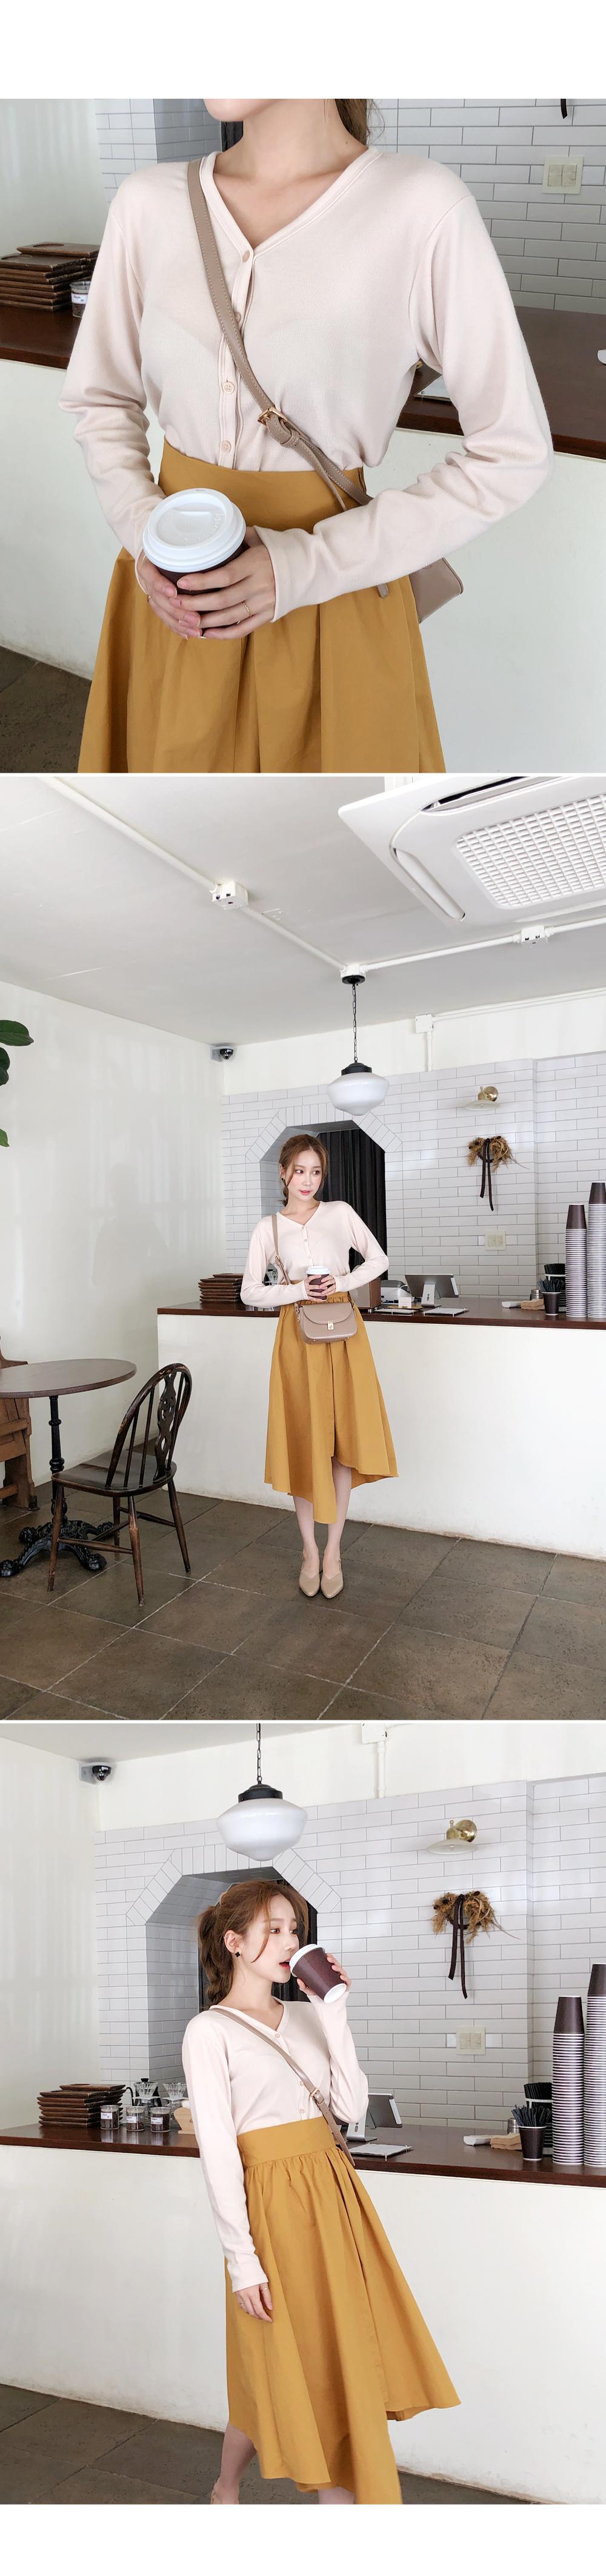 Elegant flaredline skirt